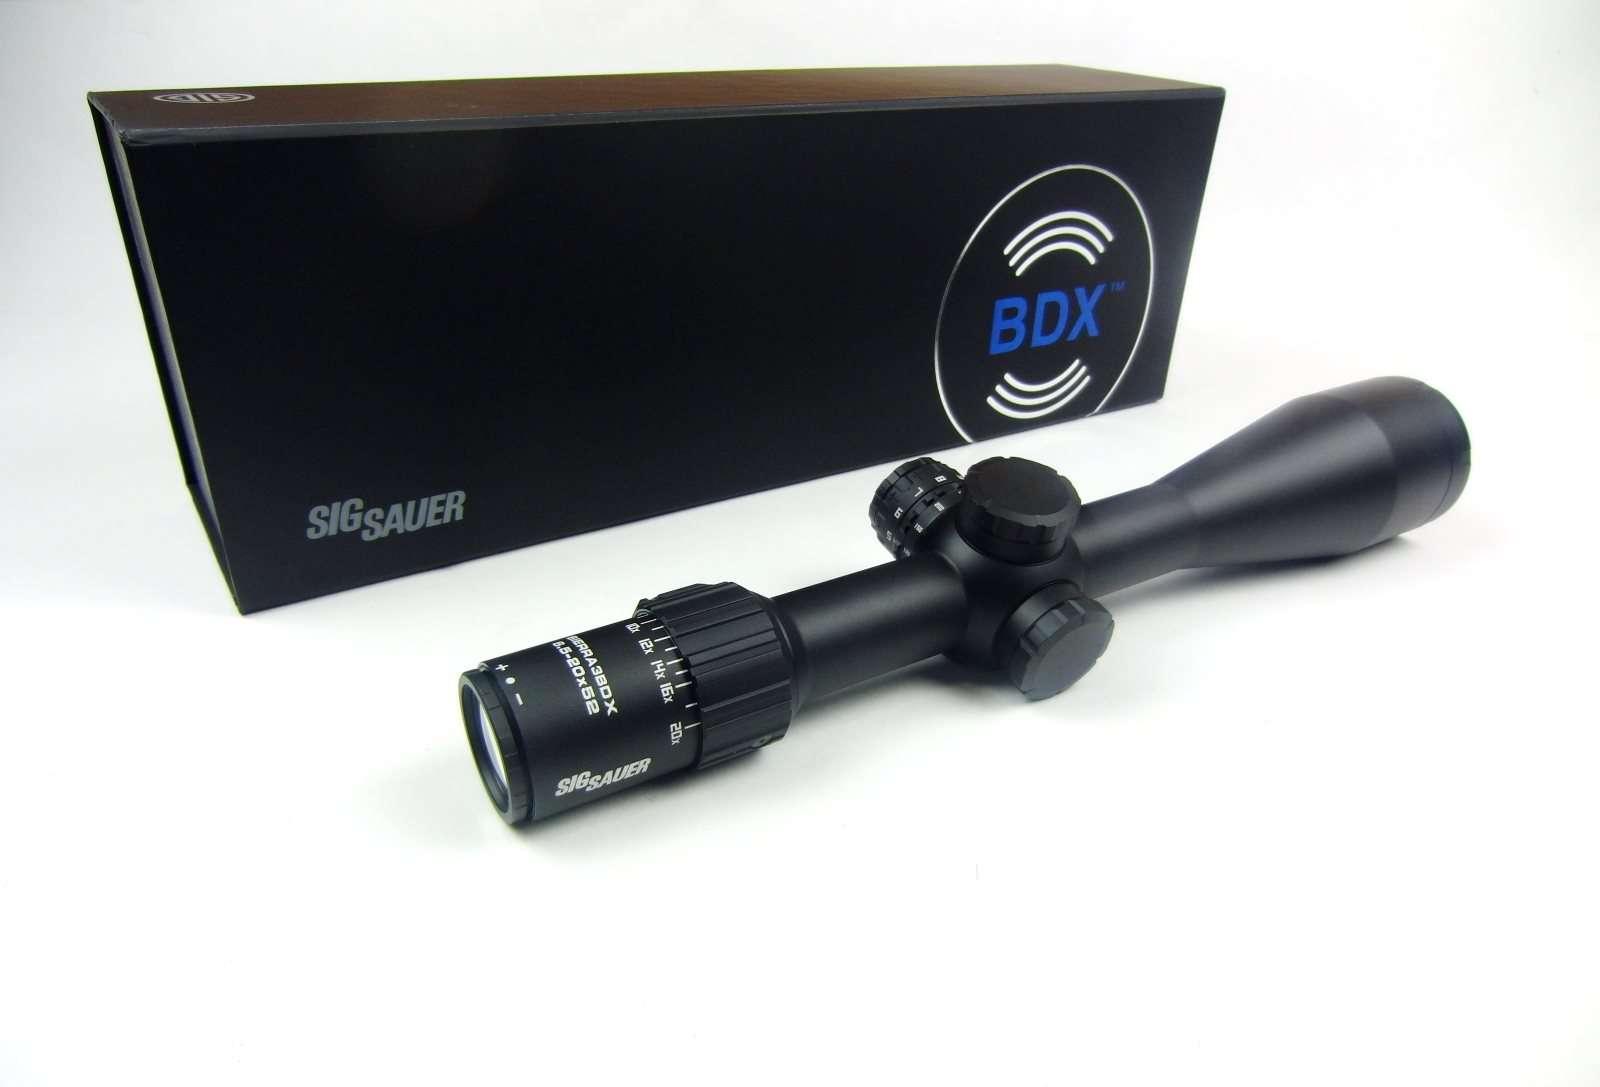 Steiner Zielfernrohr Mit Entfernungsmesser : Sig sauer sierra3 bdx 6 5 20x52 zielfernrohr & laser